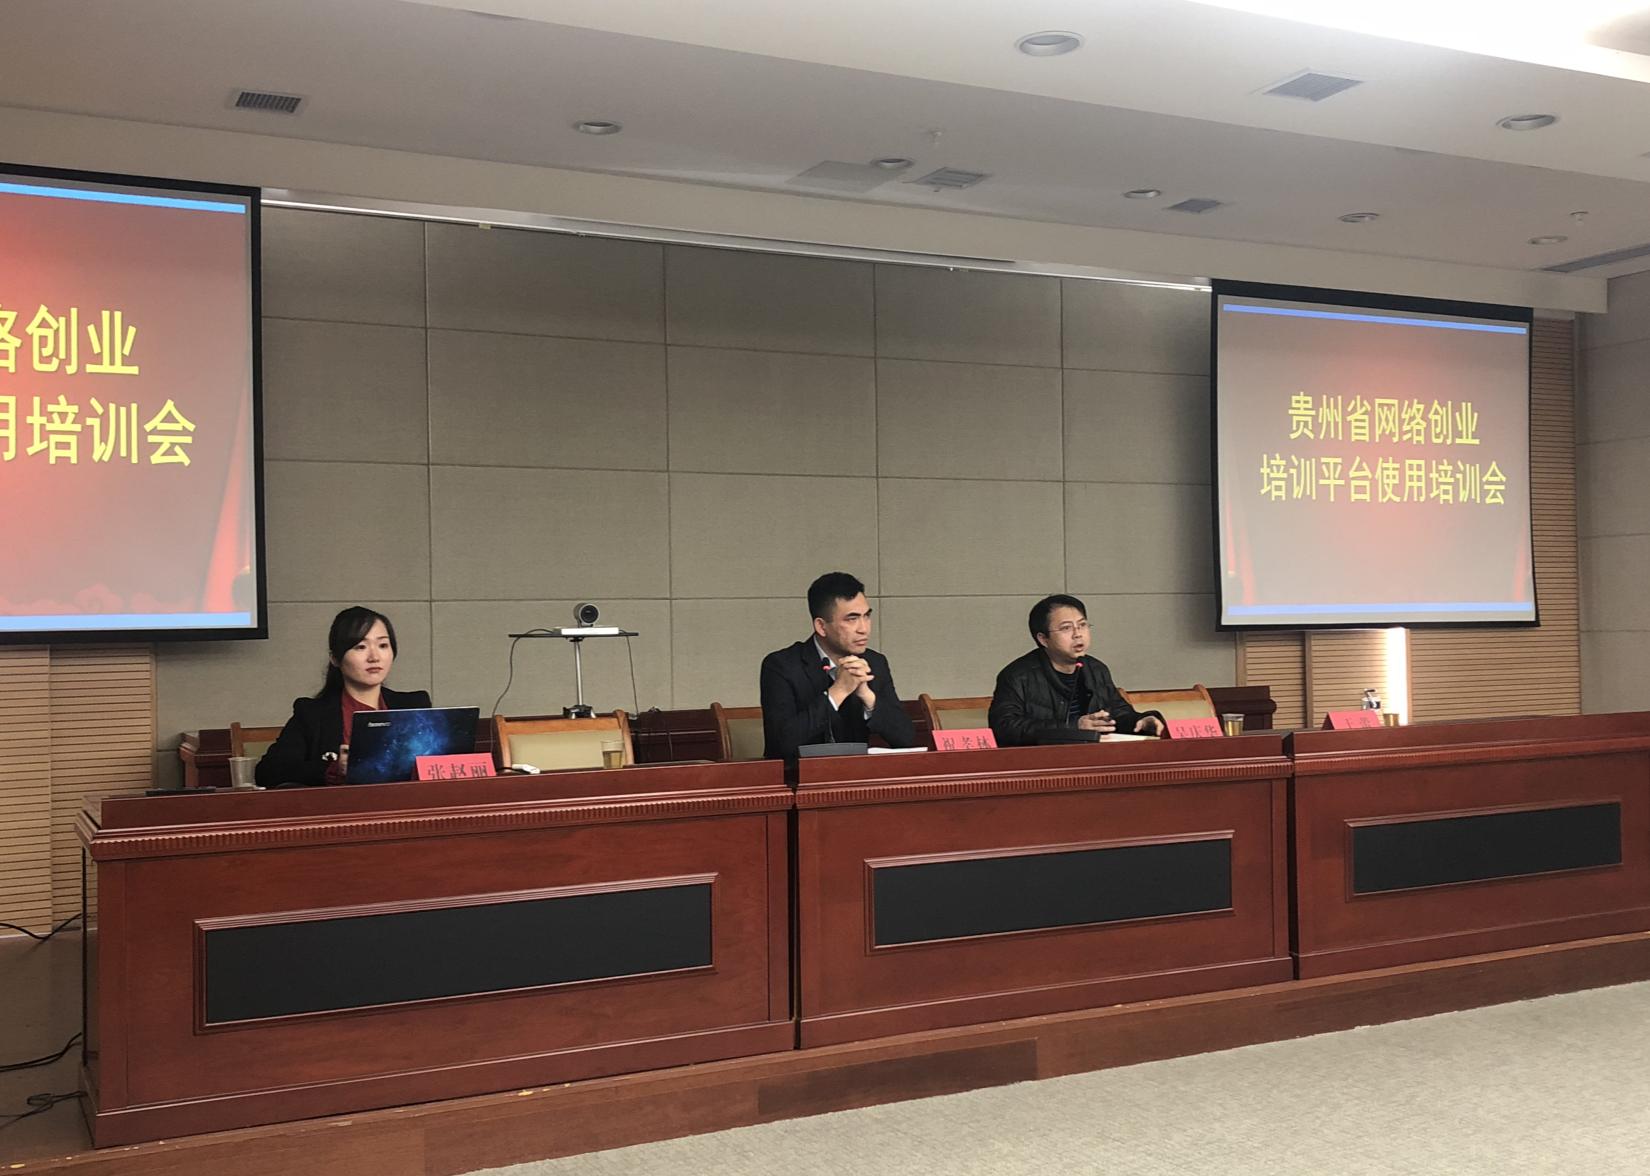 贵州成功举办网创教学辅助平台使用培训会